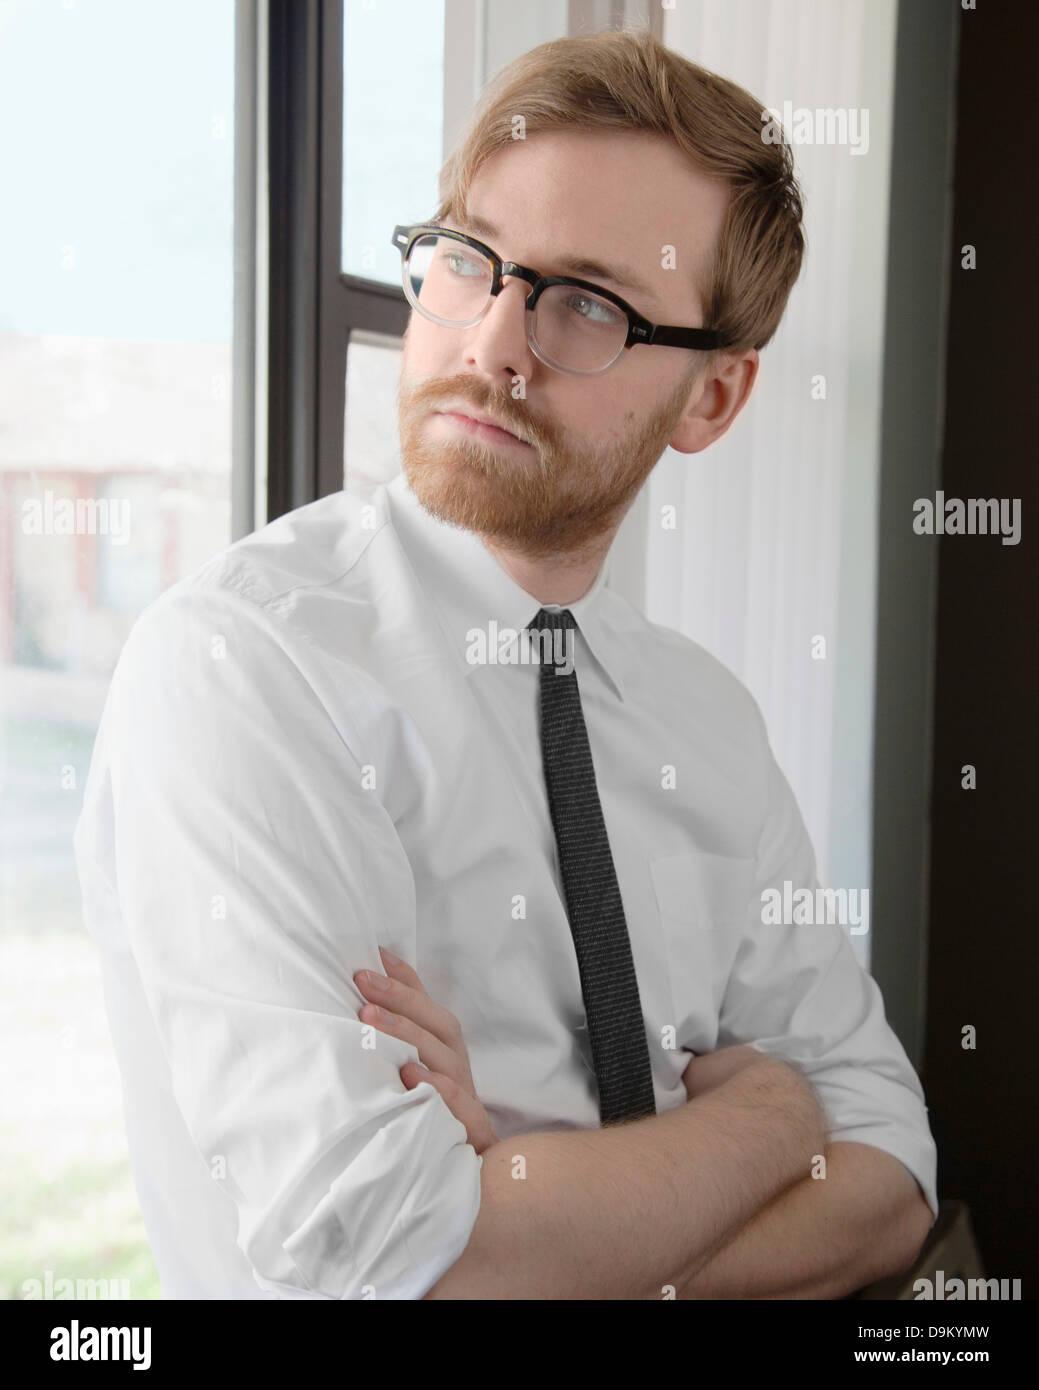 Giovane uomo che indossa gli occhiali e cravatta che guarda lontano Foto Stock